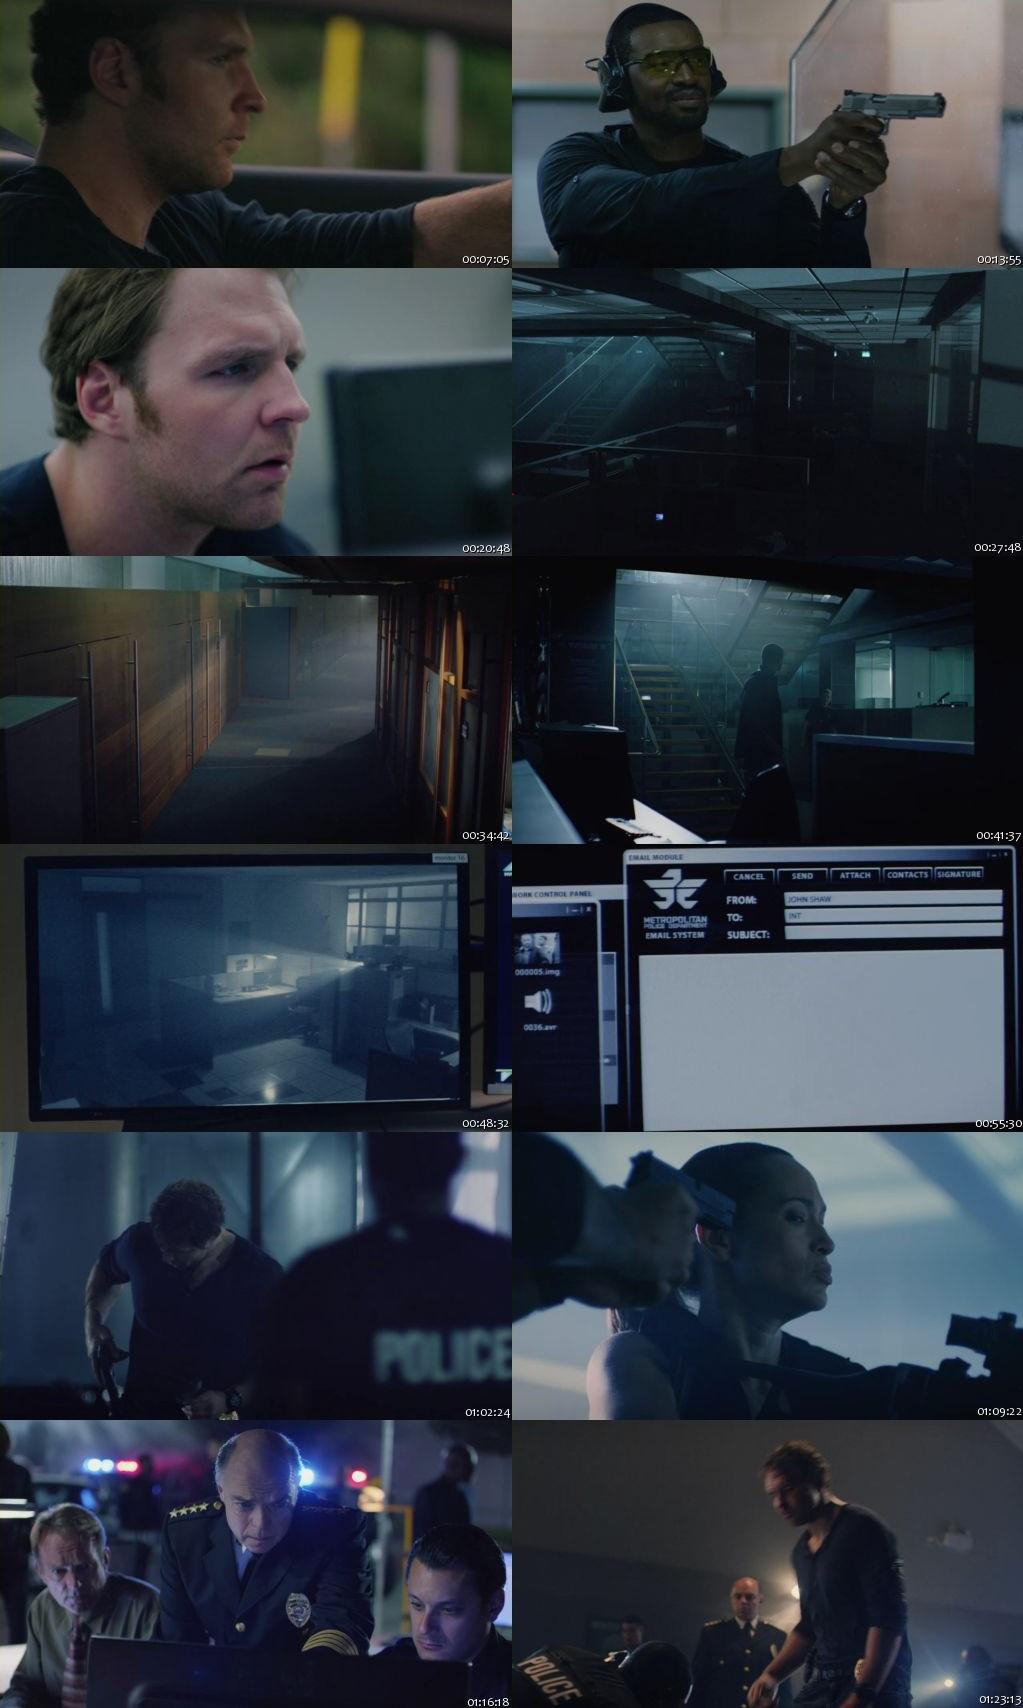 12 Rounds 3: Lockdown 2015 Full Movie Online Watch BRRip 480p Dual Audio 300Mb